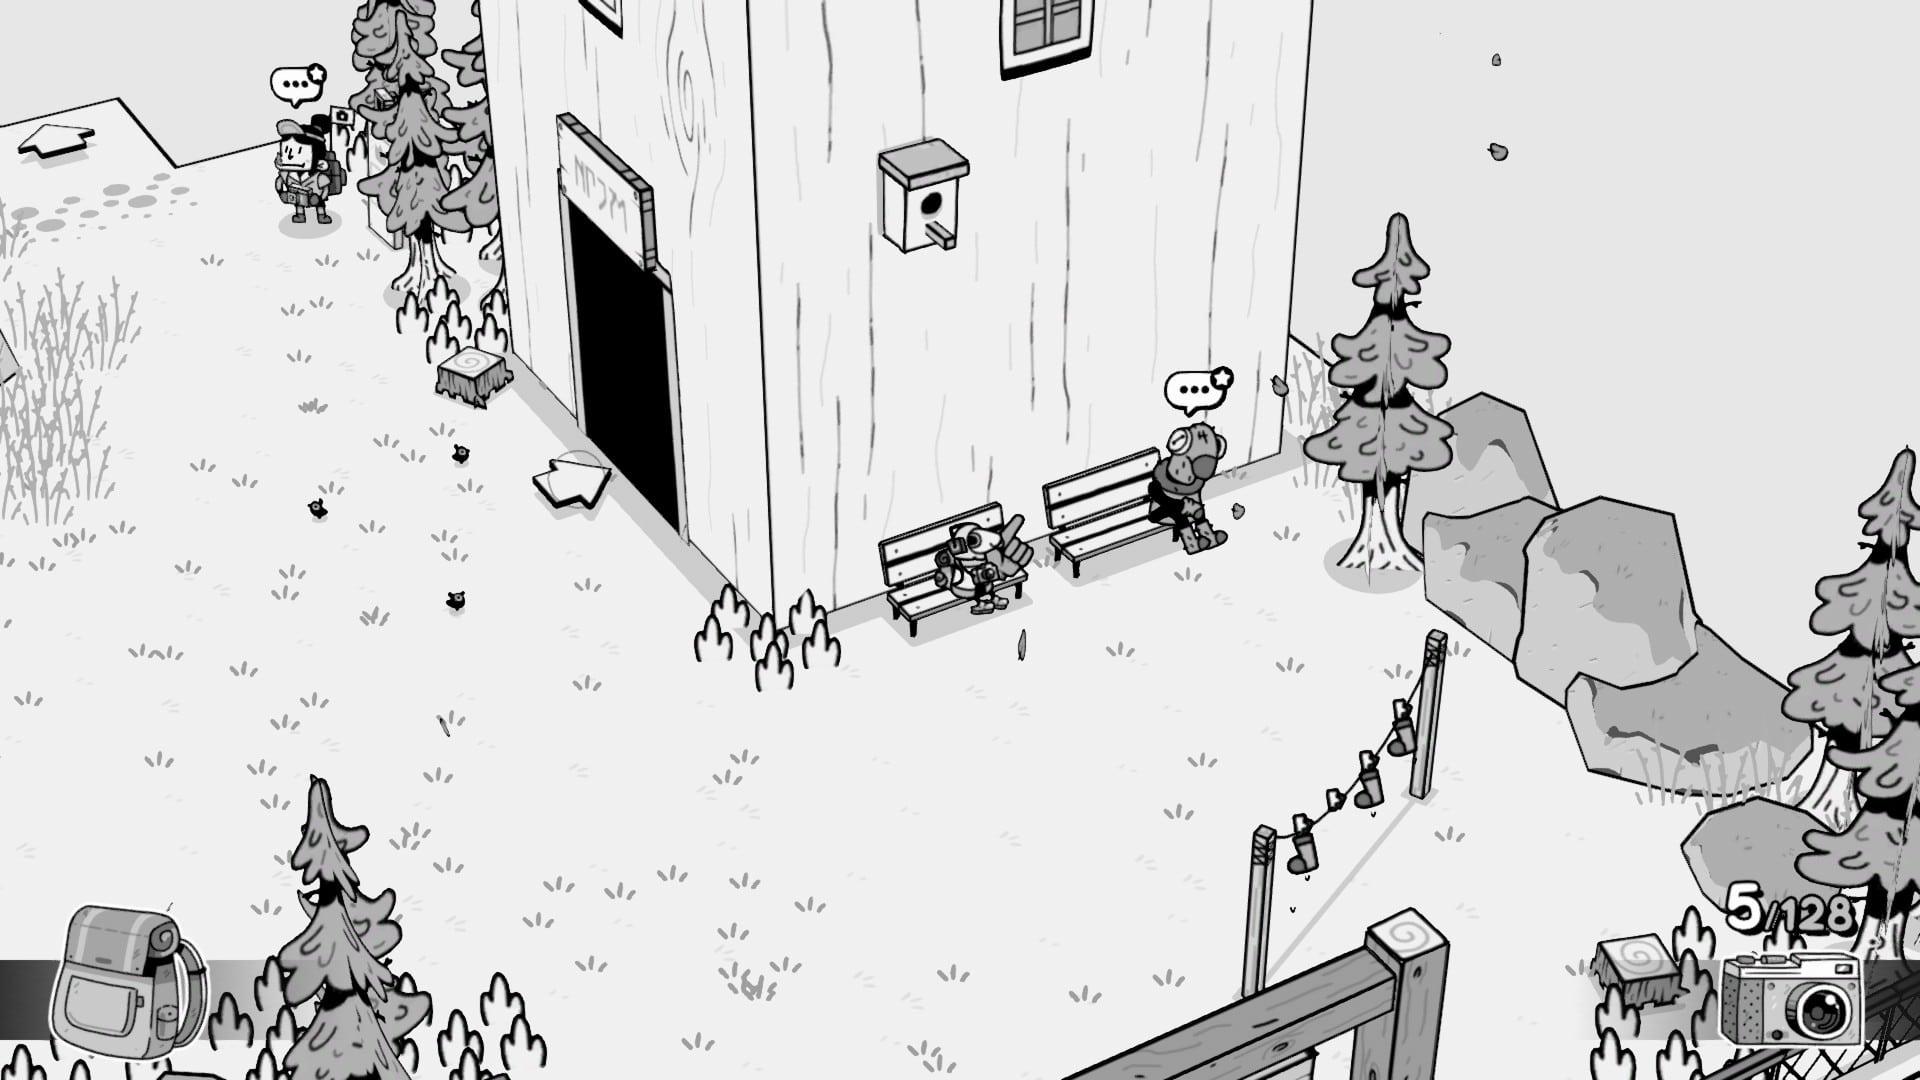 TOEM - Gameplay